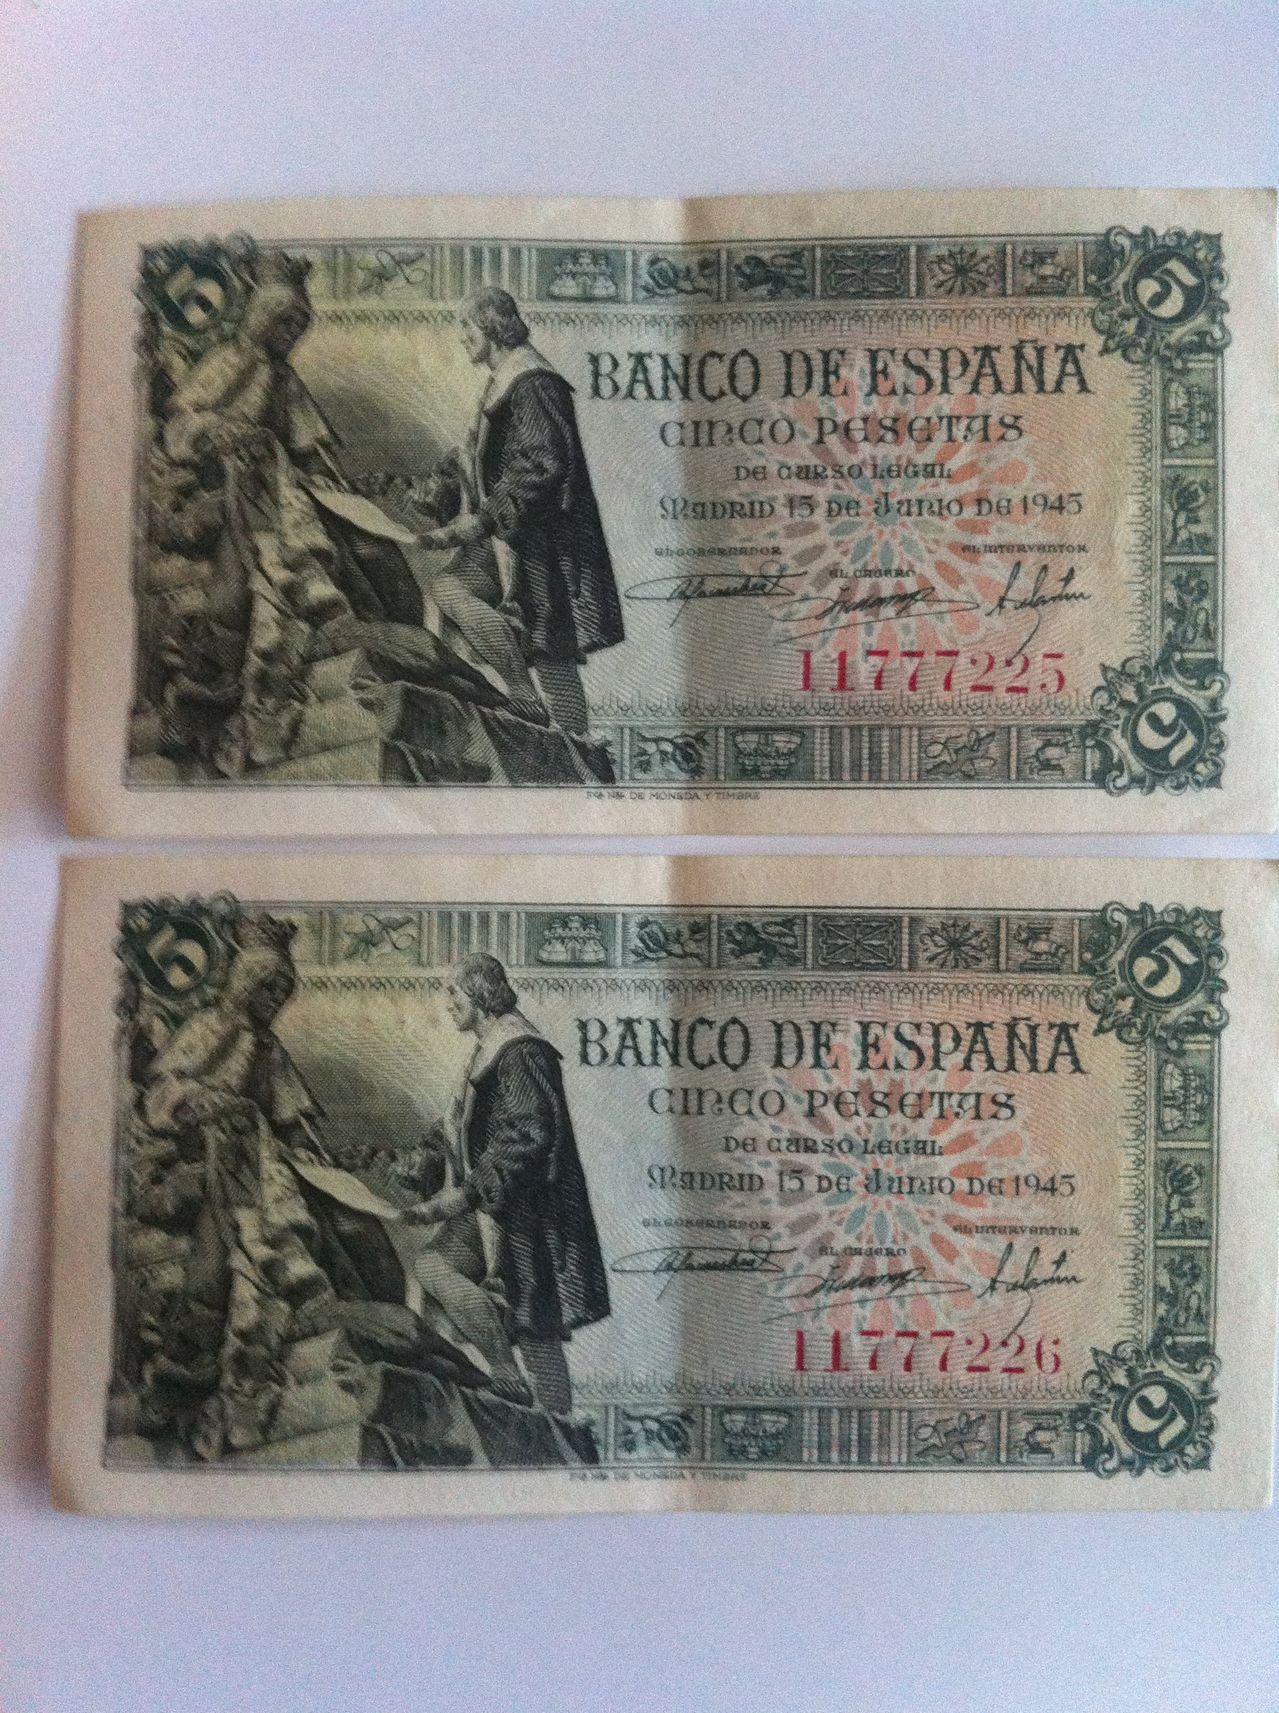 Ayuda para valorar coleccion de billetes IMG_4989